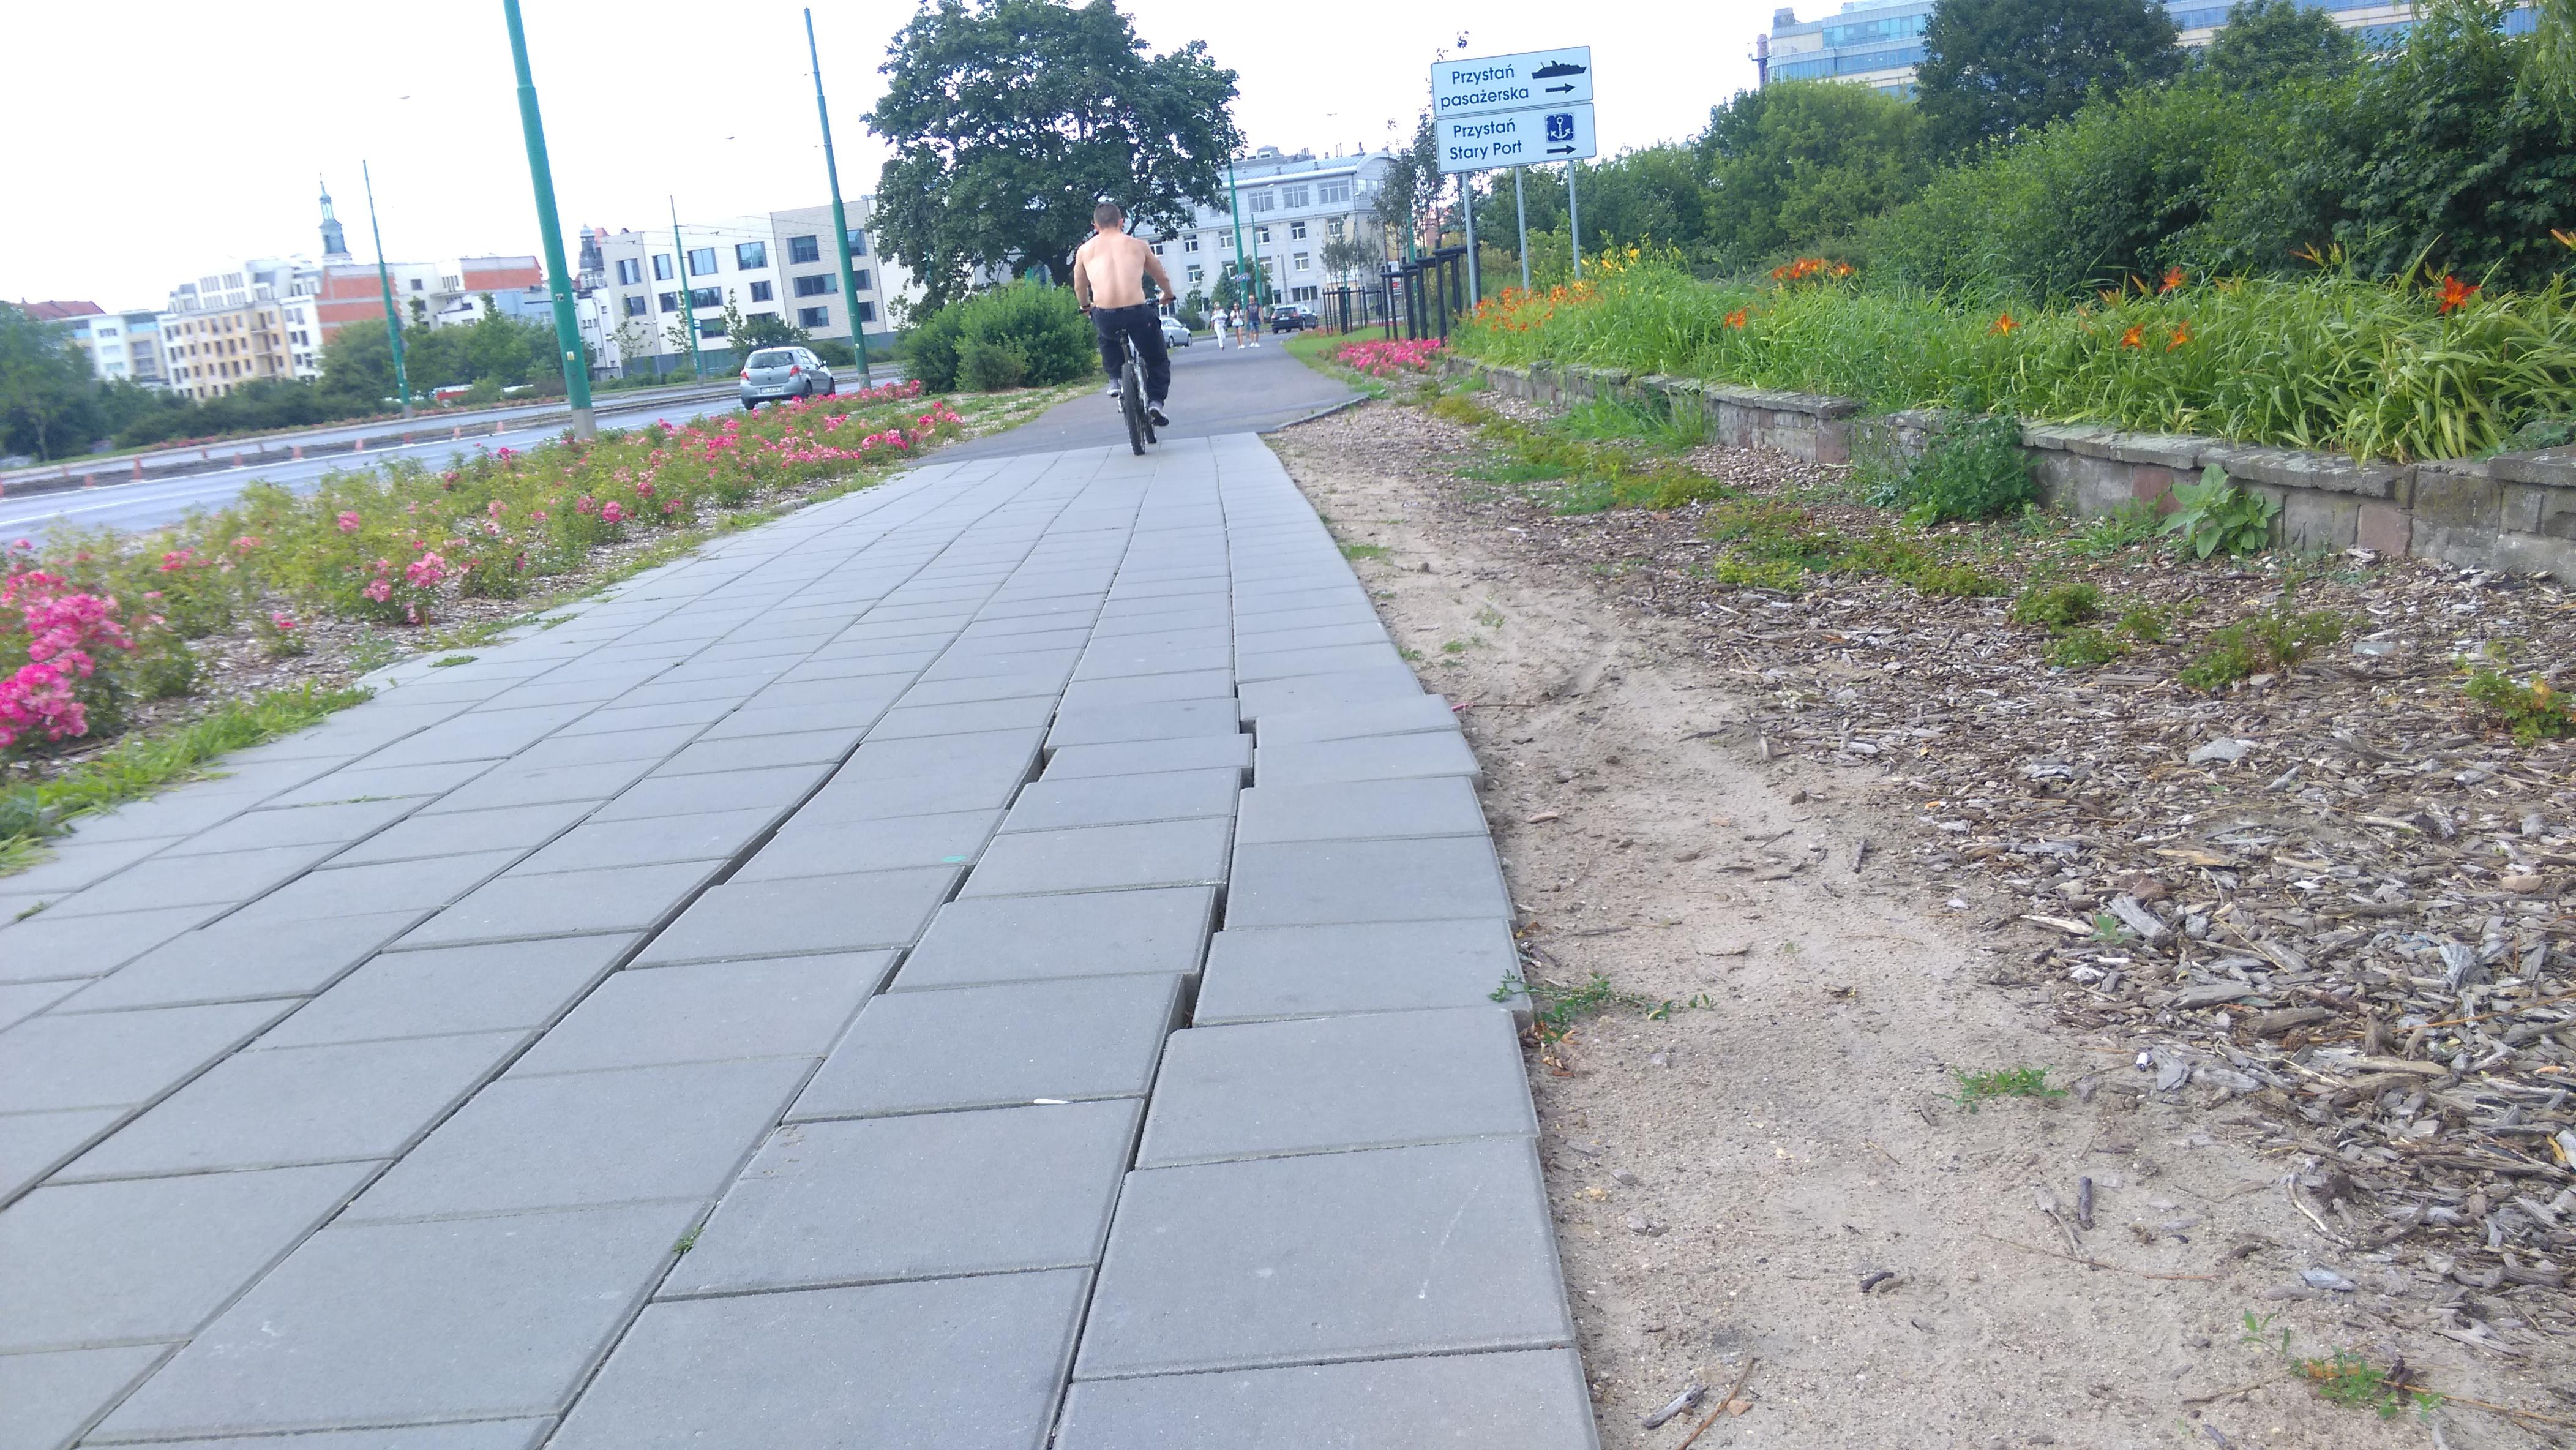 estkowskiego-krzywy-chodnik